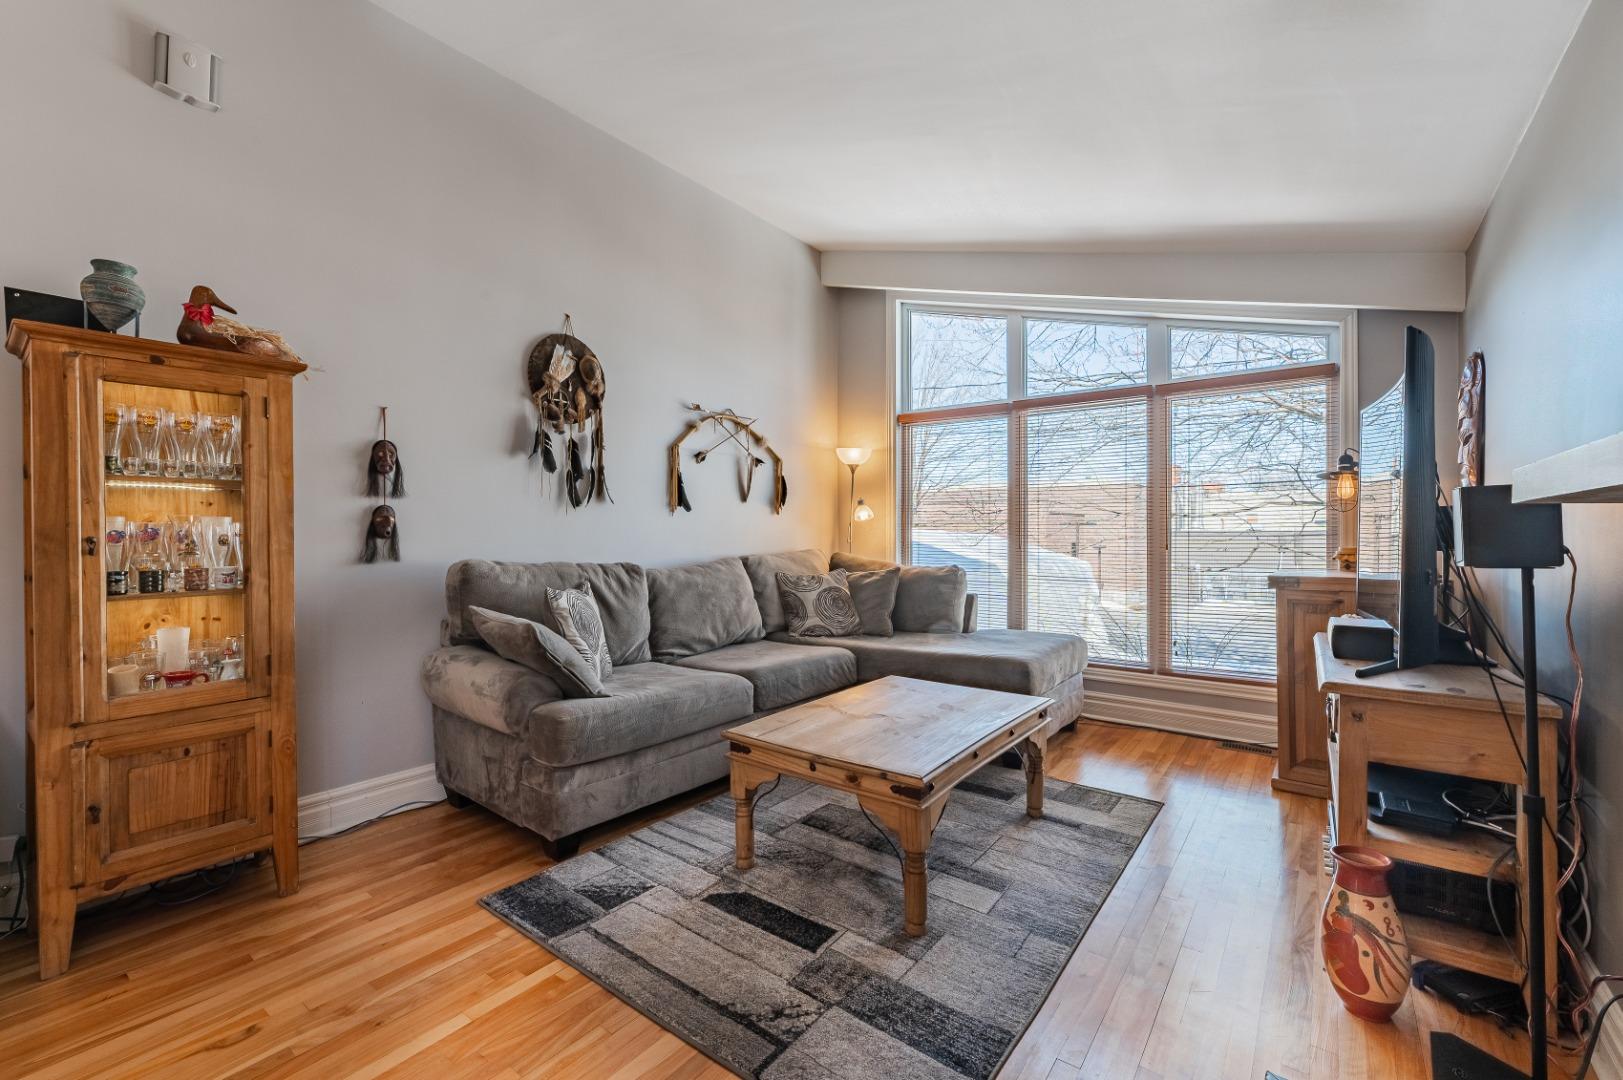 Maison_à_vendre-682_Av_Mondor-Laval-GL(7)-.jpg